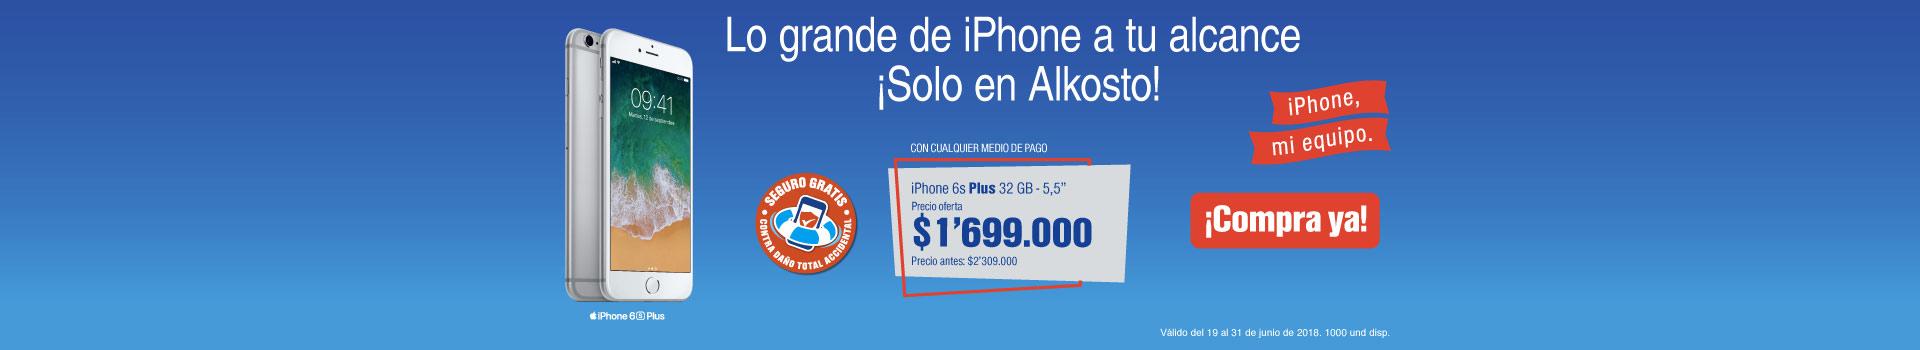 AK-BCAT-1-celulares-PP---Iphone-6splus-Jun19